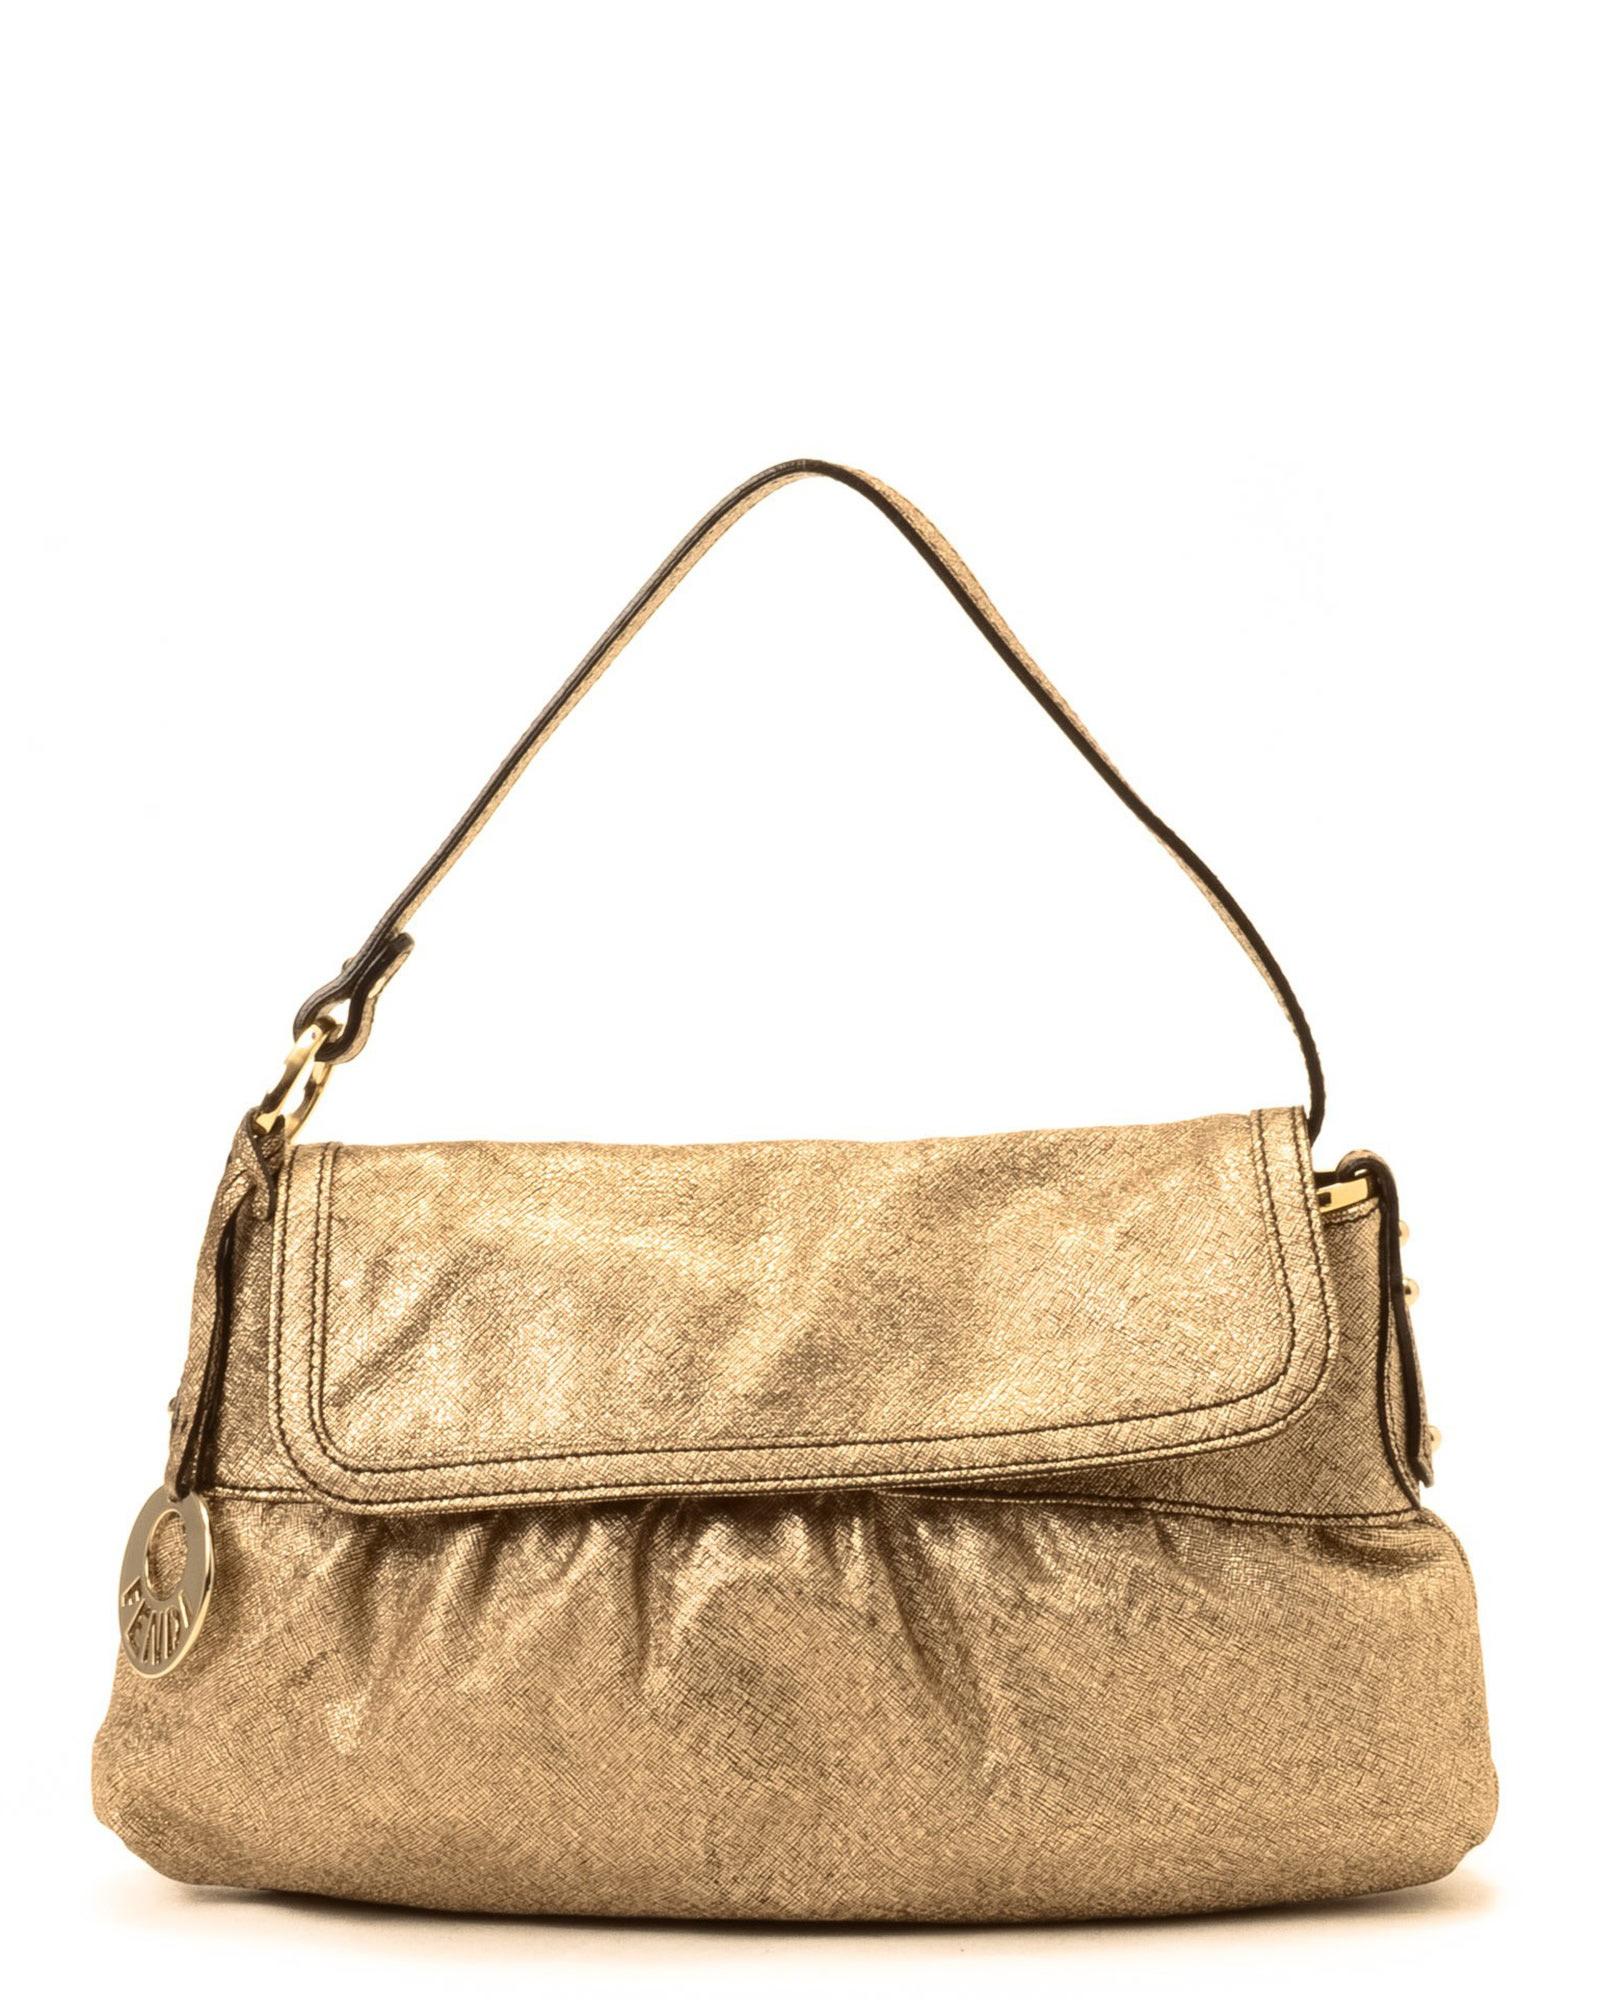 ac8fc5b02aaa ... denmark lyst fendi gold shoulder bag vintage in metallic 998ab 690a1